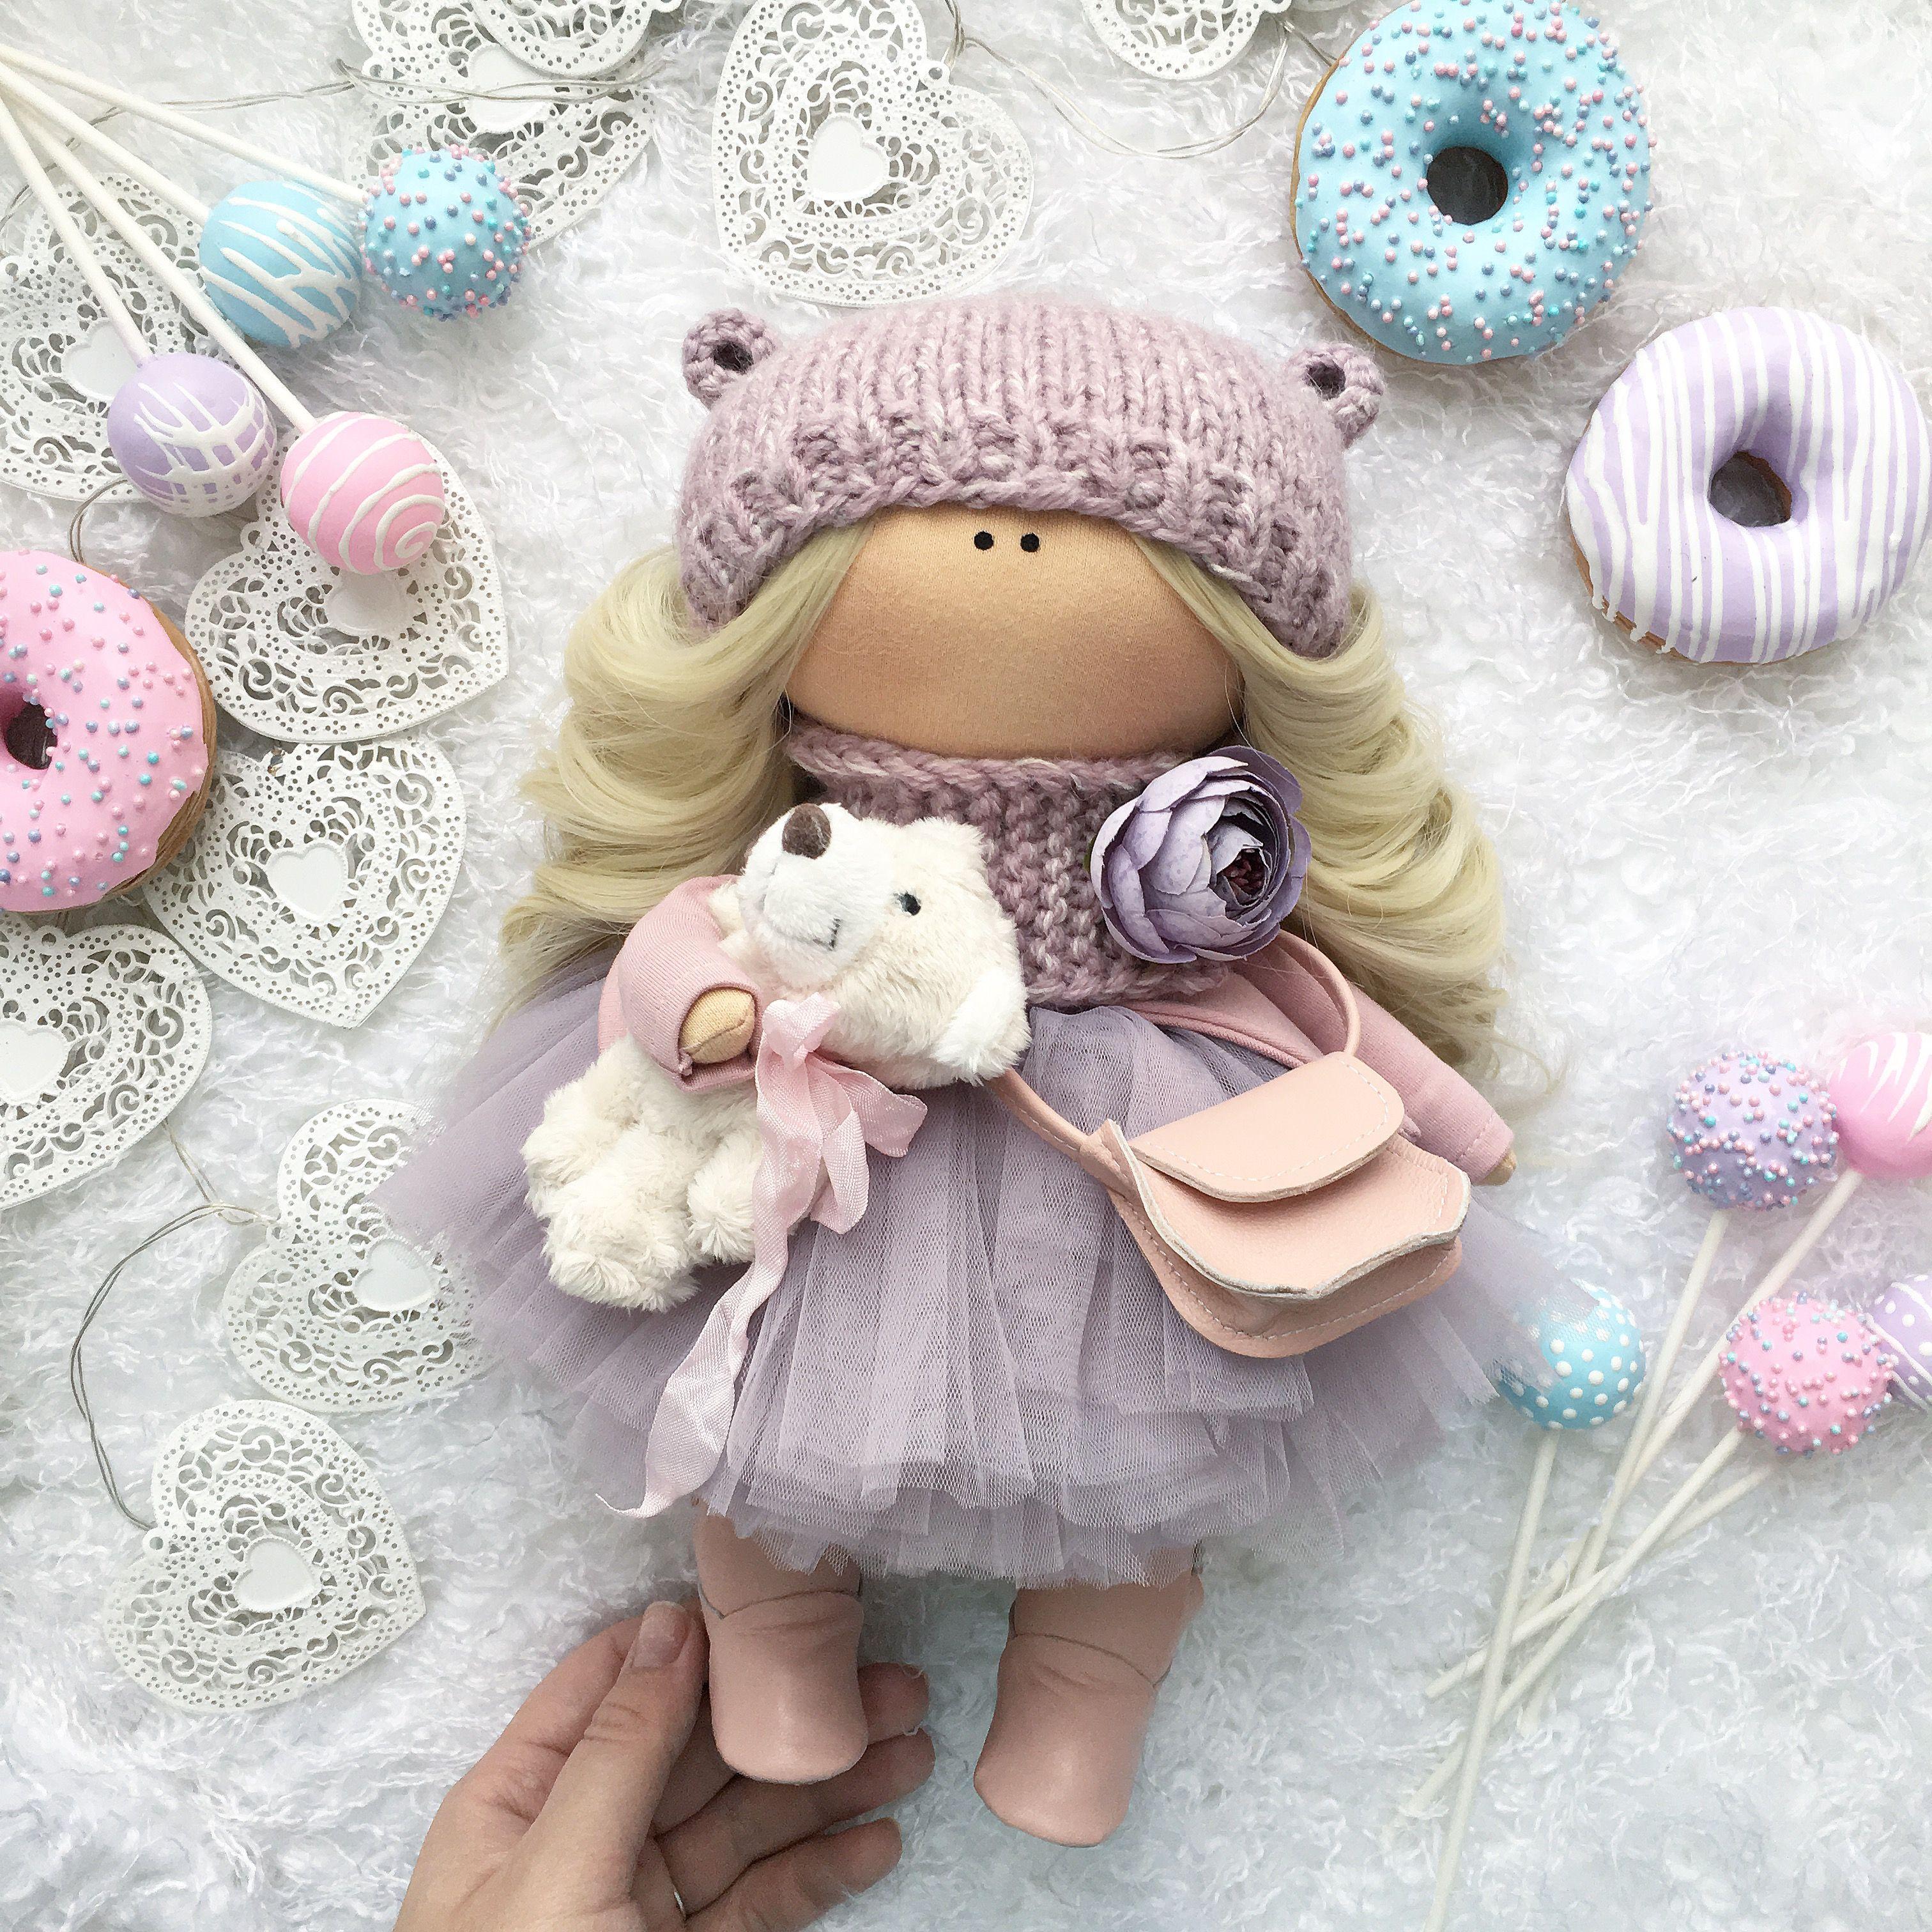 Pin von mila auf Mila\'s dolls | Pinterest | Selber nähen, Stricken ...